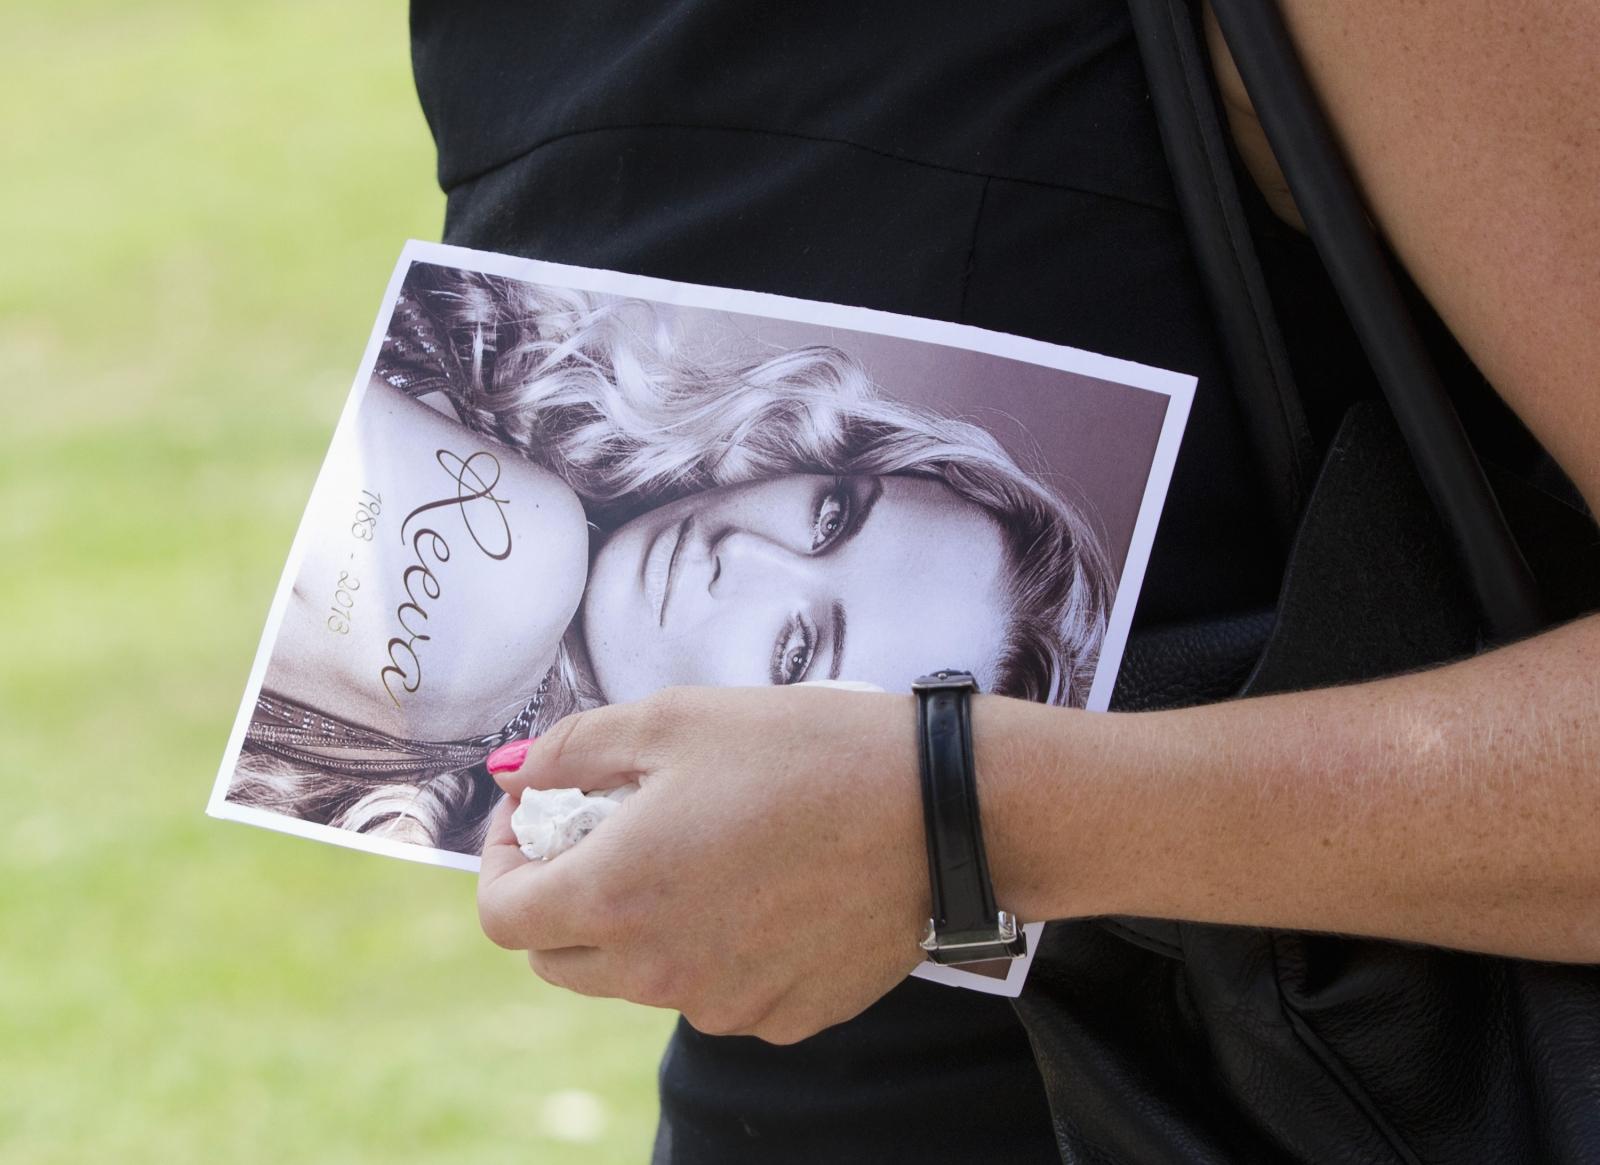 Reeva Steenkamp funeral